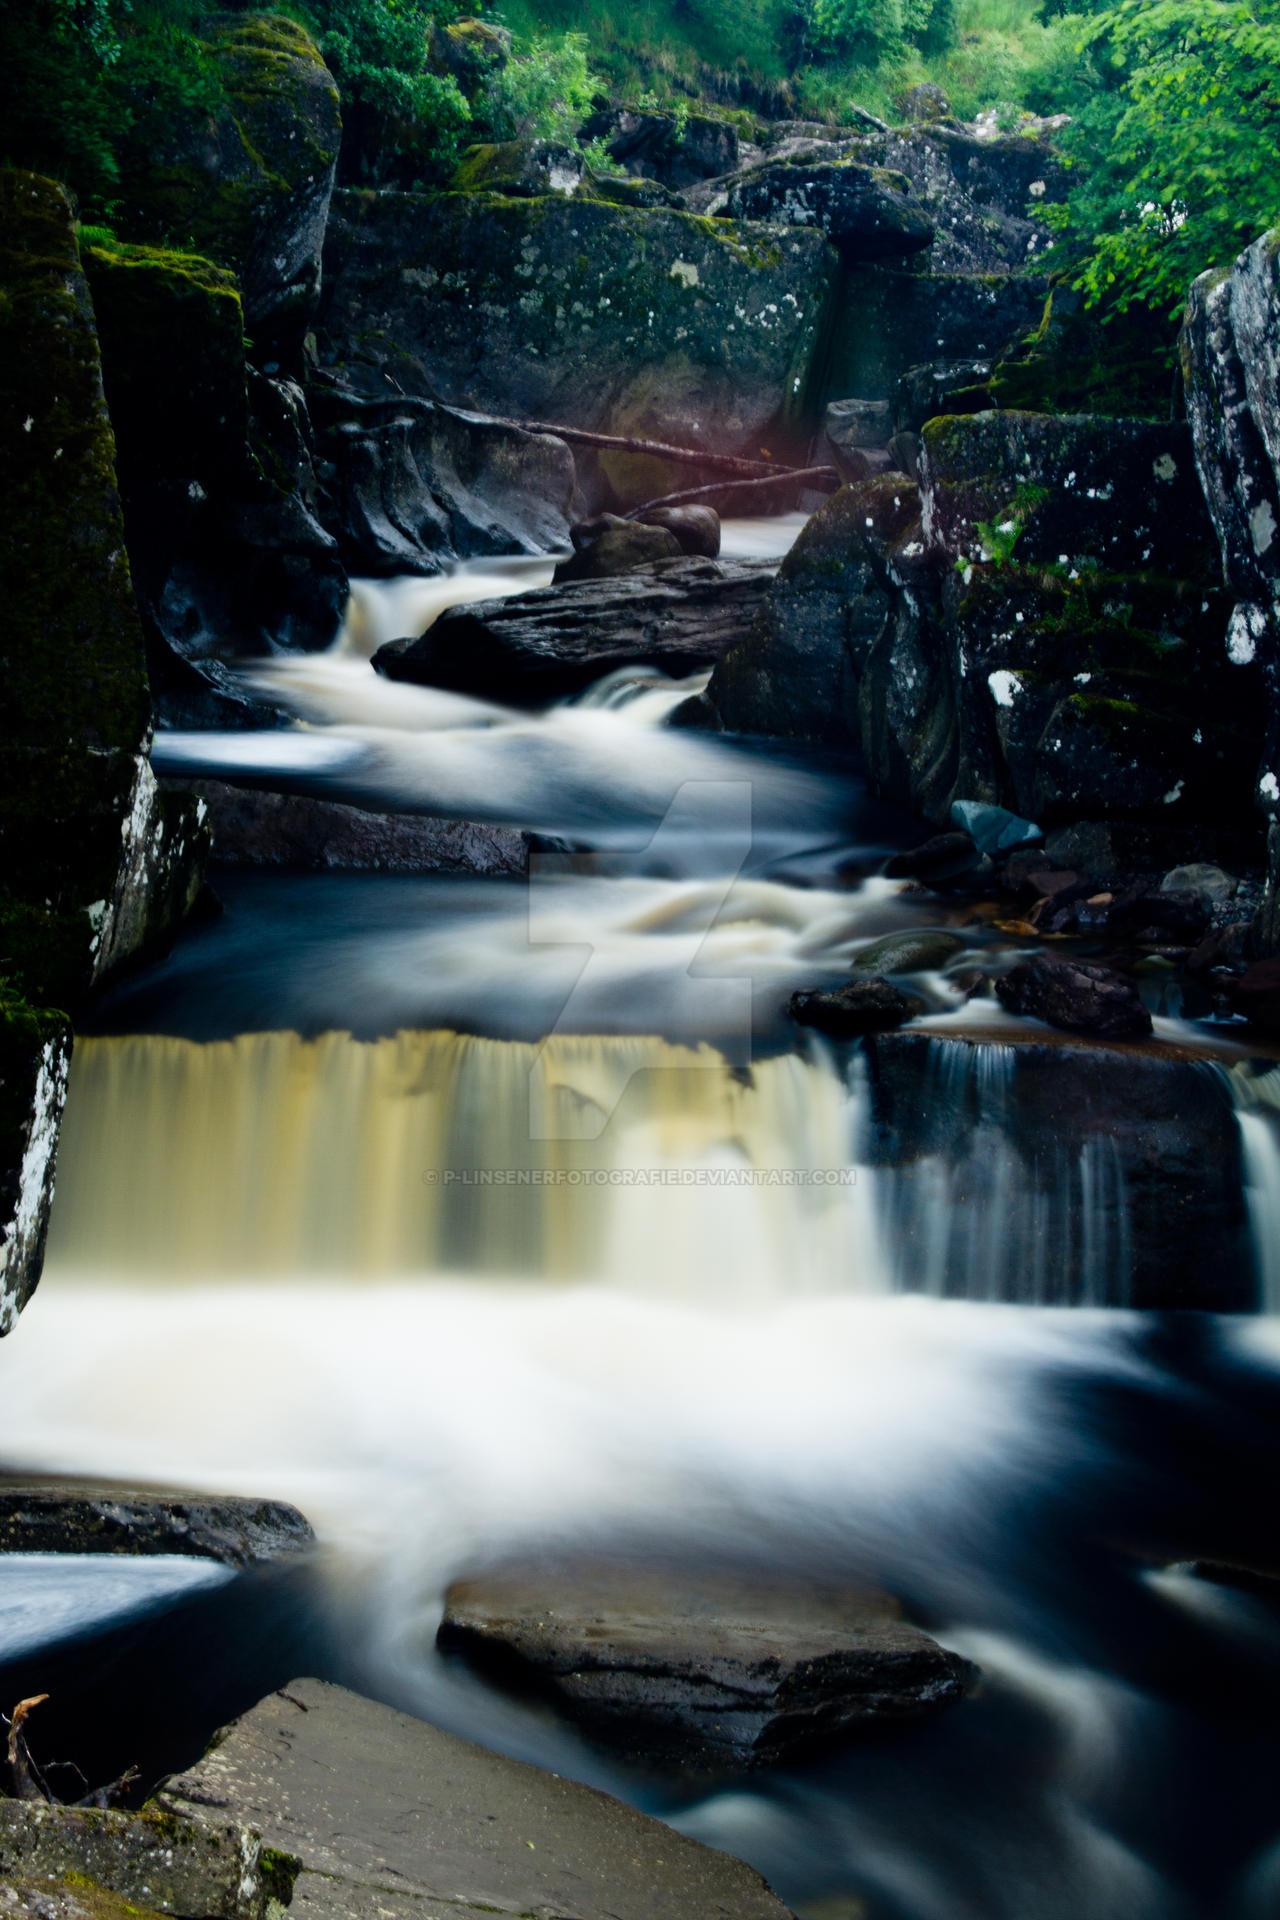 Waterfalls, wonder of water by P-LinsenerFotografie